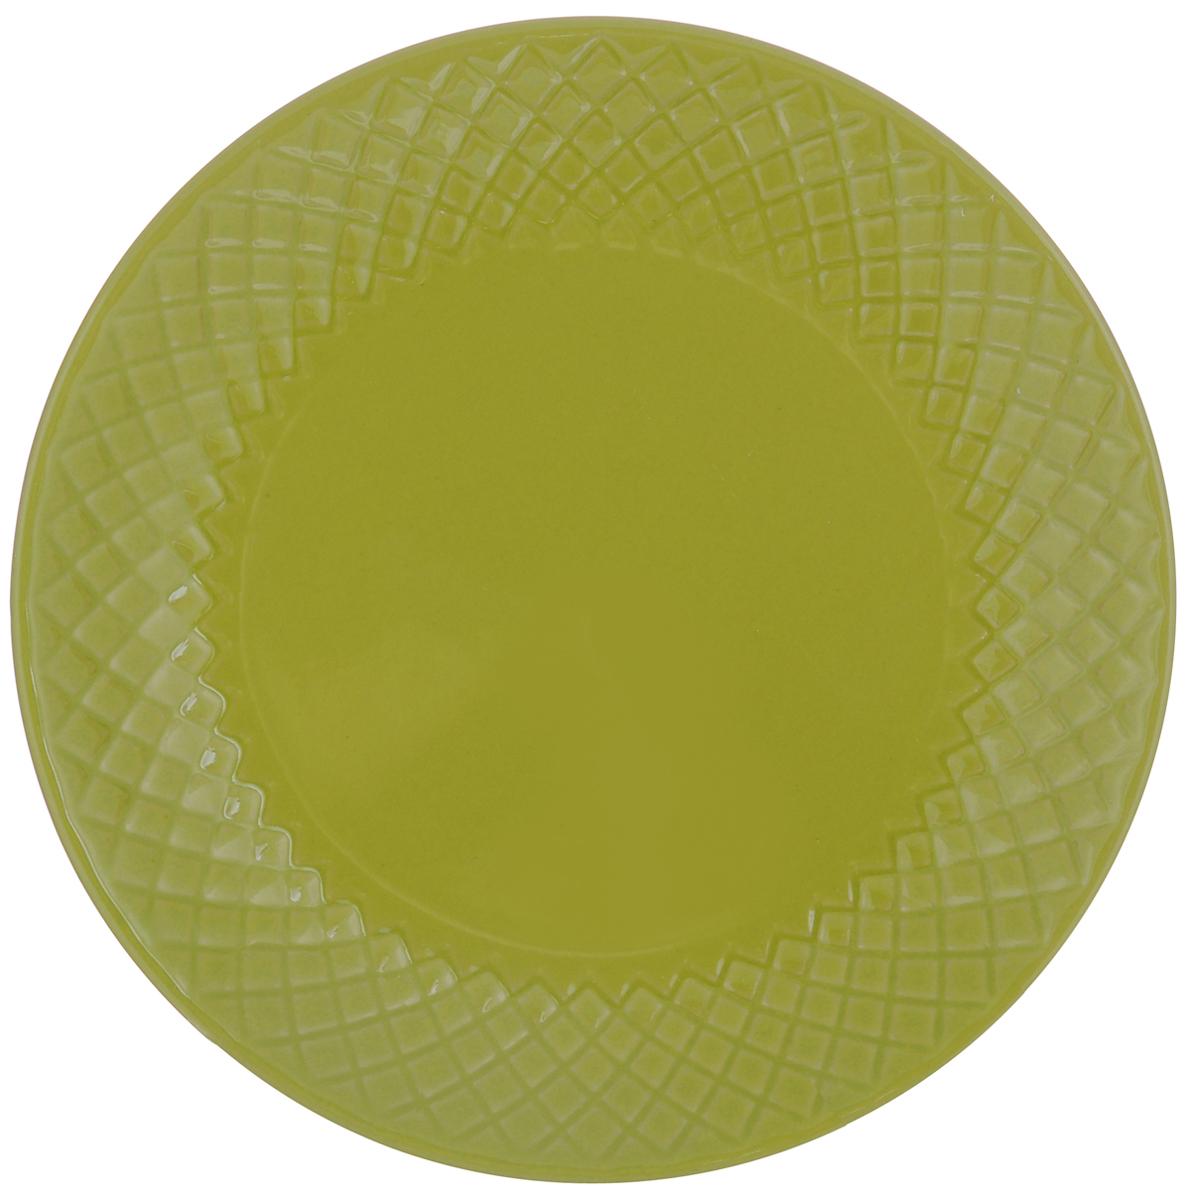 Тарелка обеденная Walmer Amber, цвет: зеленый, диаметр 20 см115510Тарелка обеденная Walmer Amber, изготовленная из высококачественной керамики, имеет изысканный внешний вид. Яркий дизайн придется по вкусу и ценителям классики, и тем, кто предпочитает утонченность. Тарелка Walmer Amber идеально подойдет для сервировки стола и станет отличным подарком к любому празднику.Диаметр (по верхнему краю): 20 см.